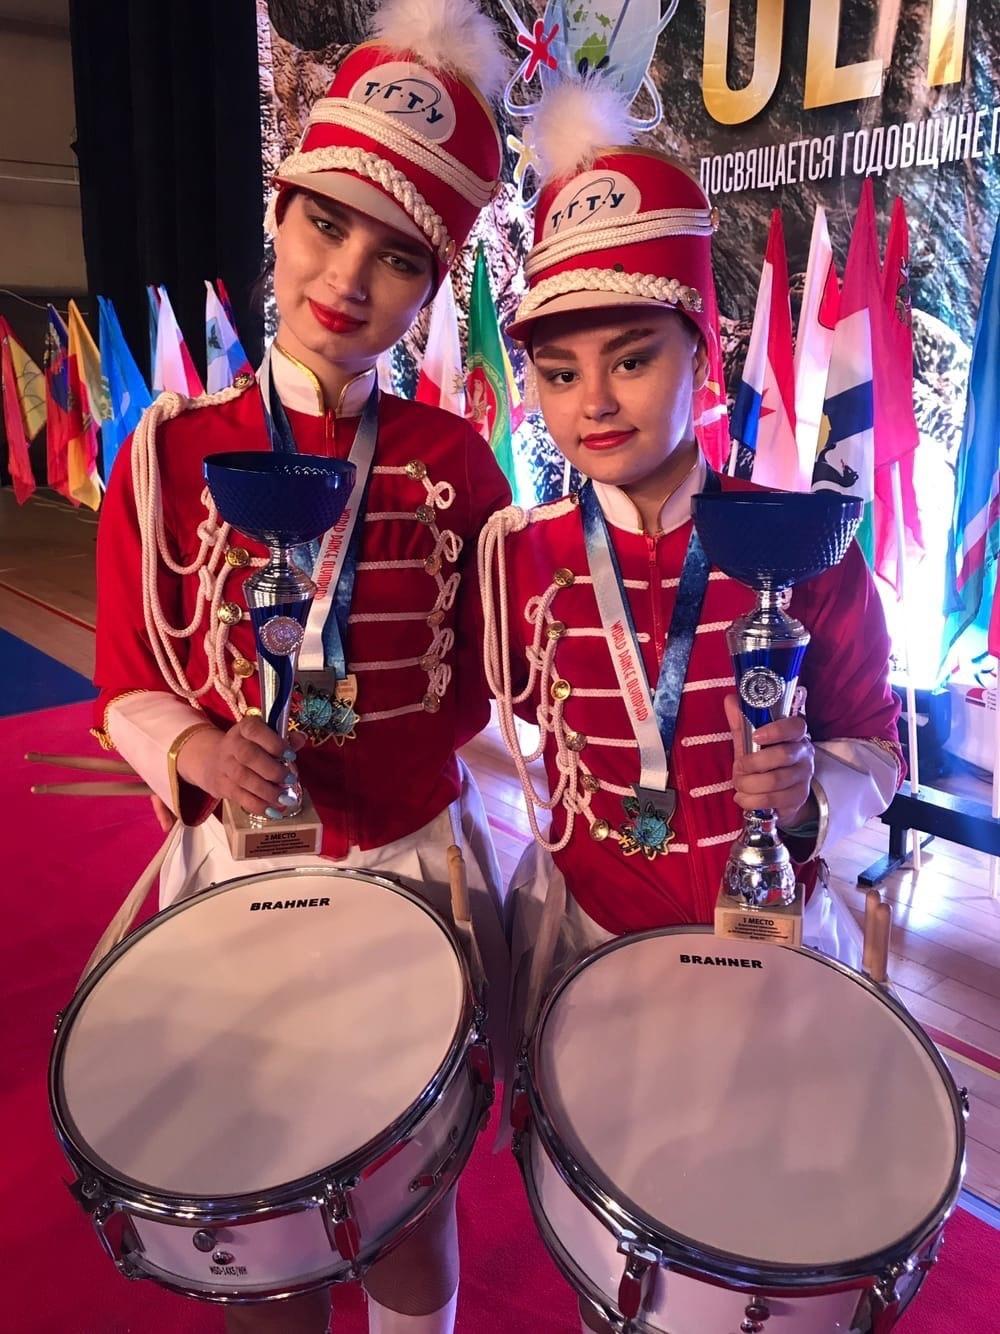 Тамбовский мажорет-шоу барабанщиц стал победителем всемирной танцевальной олимпиады